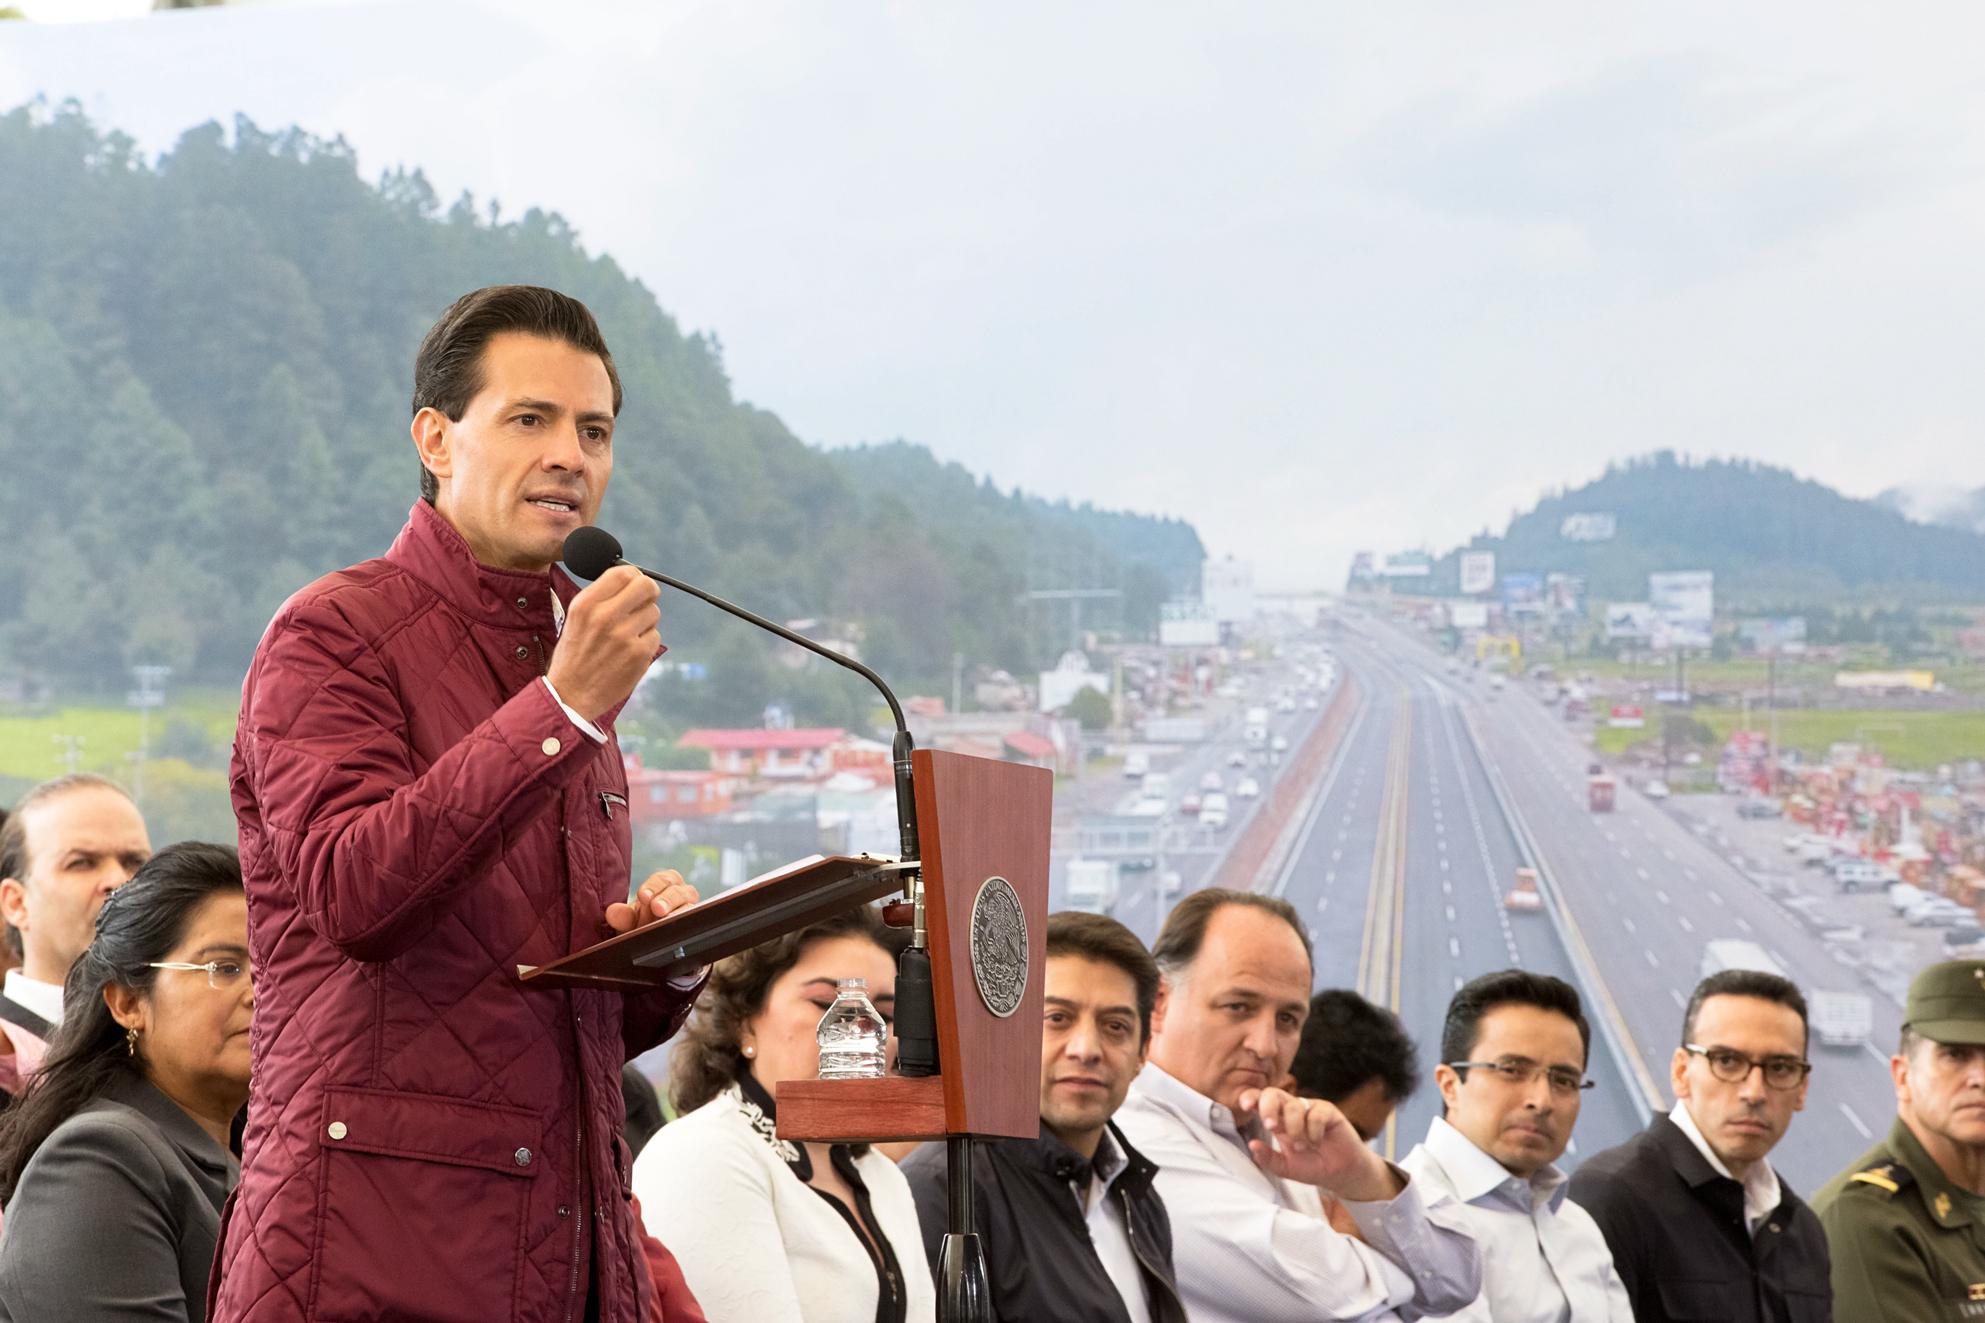 En 3 años de la actual Administración se han construido y modernizado más de 31 kilómetros de autopistas, carreteras, caminos rurales y alimentadores.